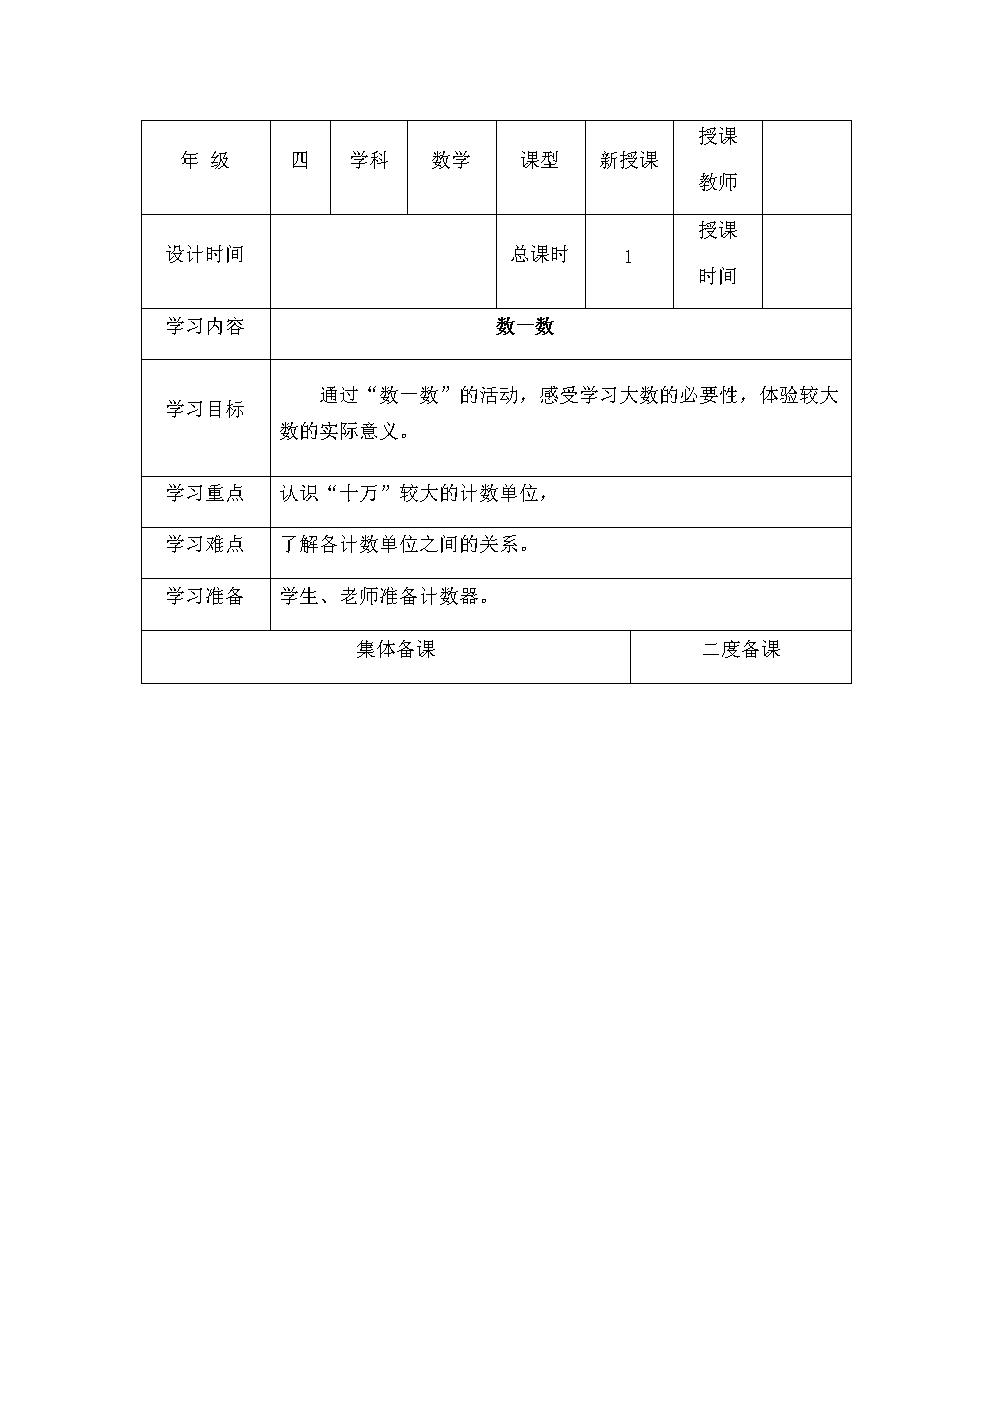 北師大版數學四年級上冊-01一 認識更大的數-011 數一數-教案01.docx